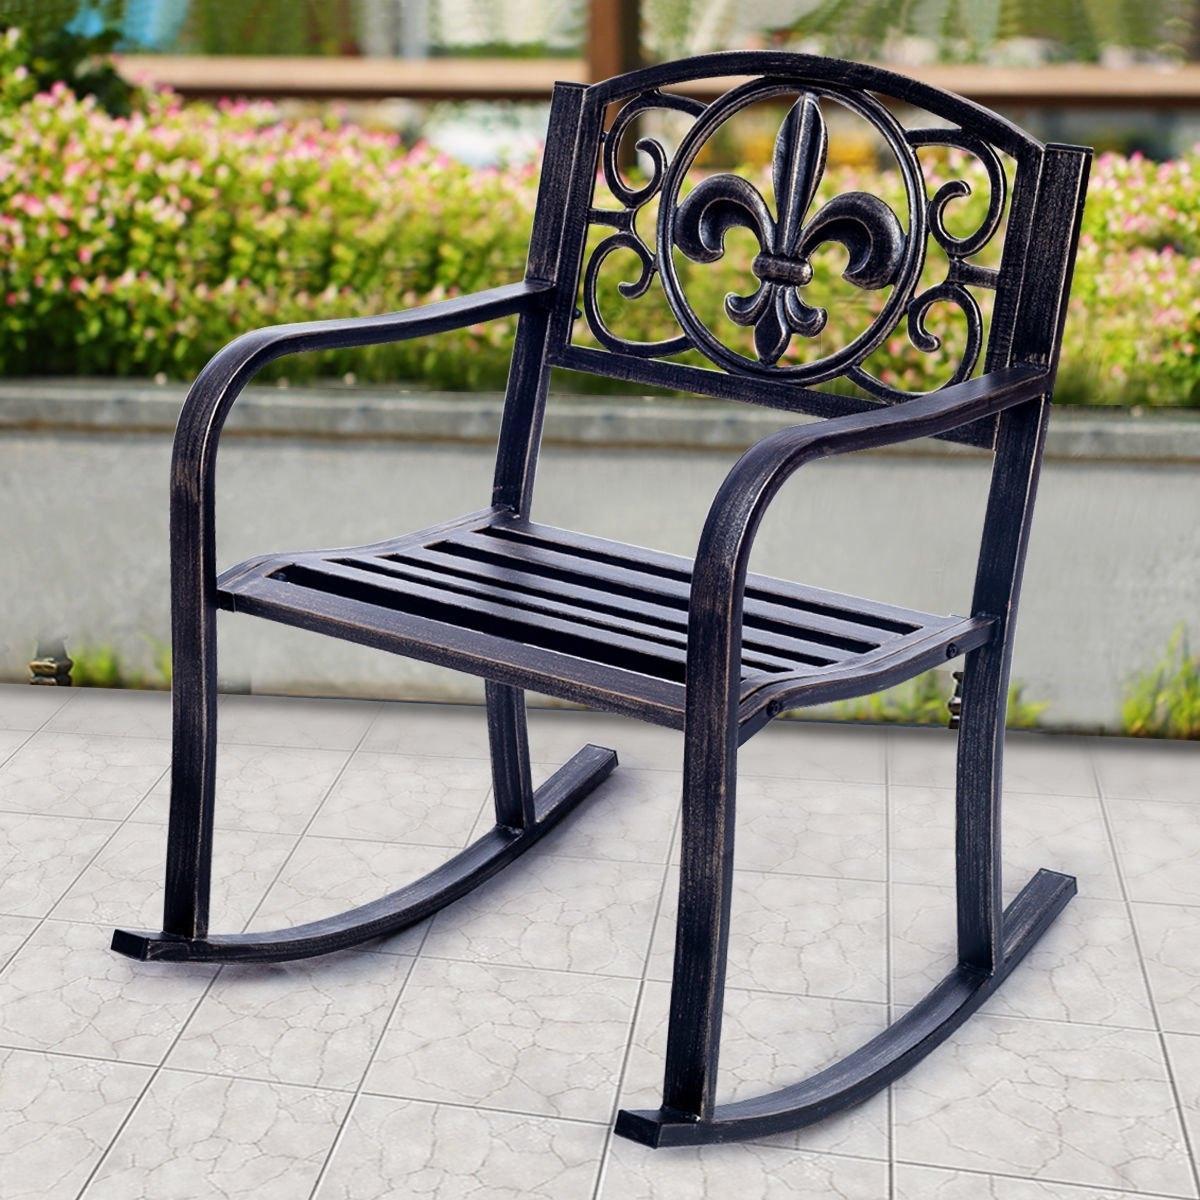 2018 Outdoor Patio Metal Rocking Chairs Regarding Costway: Costway Patio Metal Rocking Chair Porch Seat Deck Outdoor (View 1 of 20)